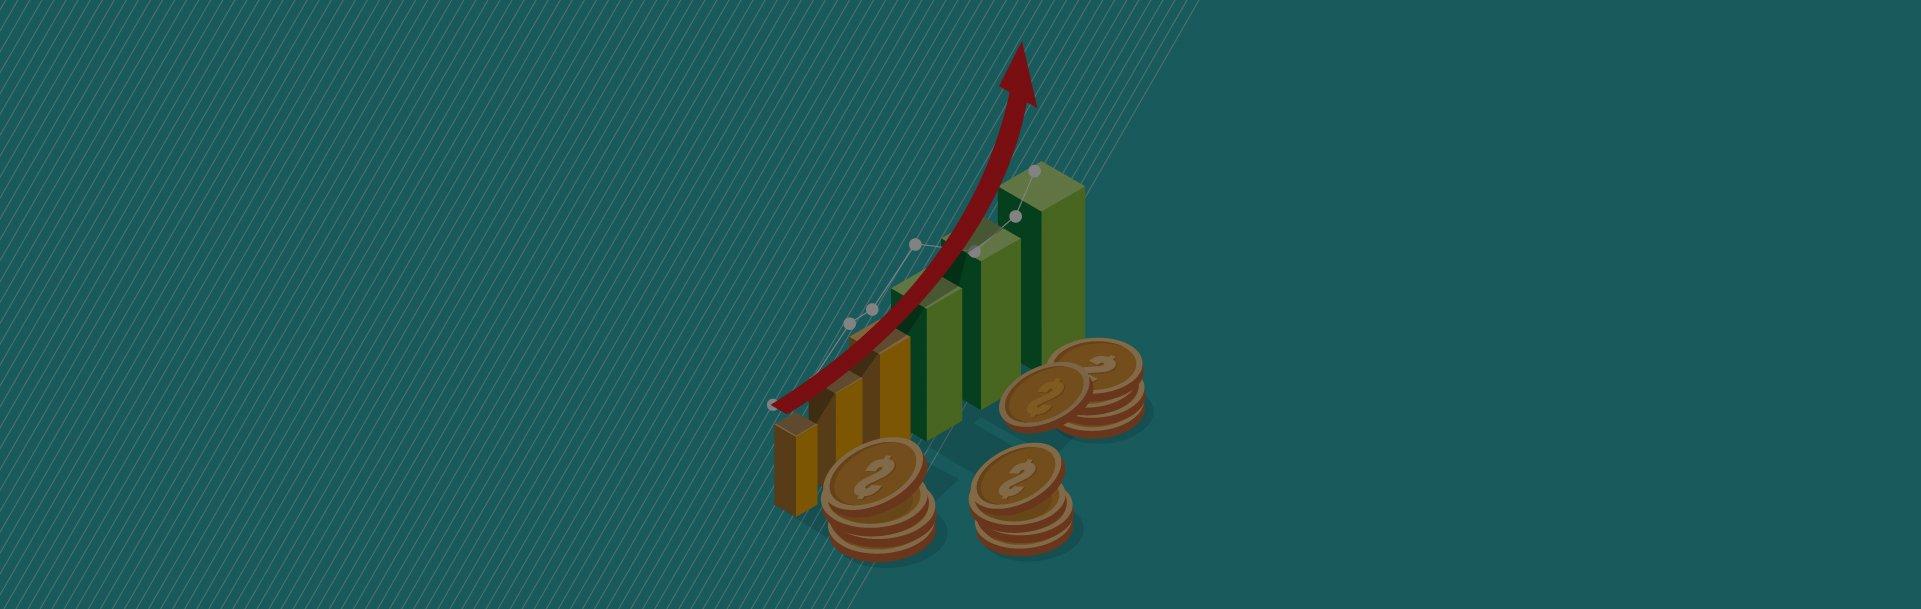 Blog-solucion-como-puedo-aumentar-mis-ventas-Conoce-los-consejos-para-incrementarlas-en-tu-industria-01-02